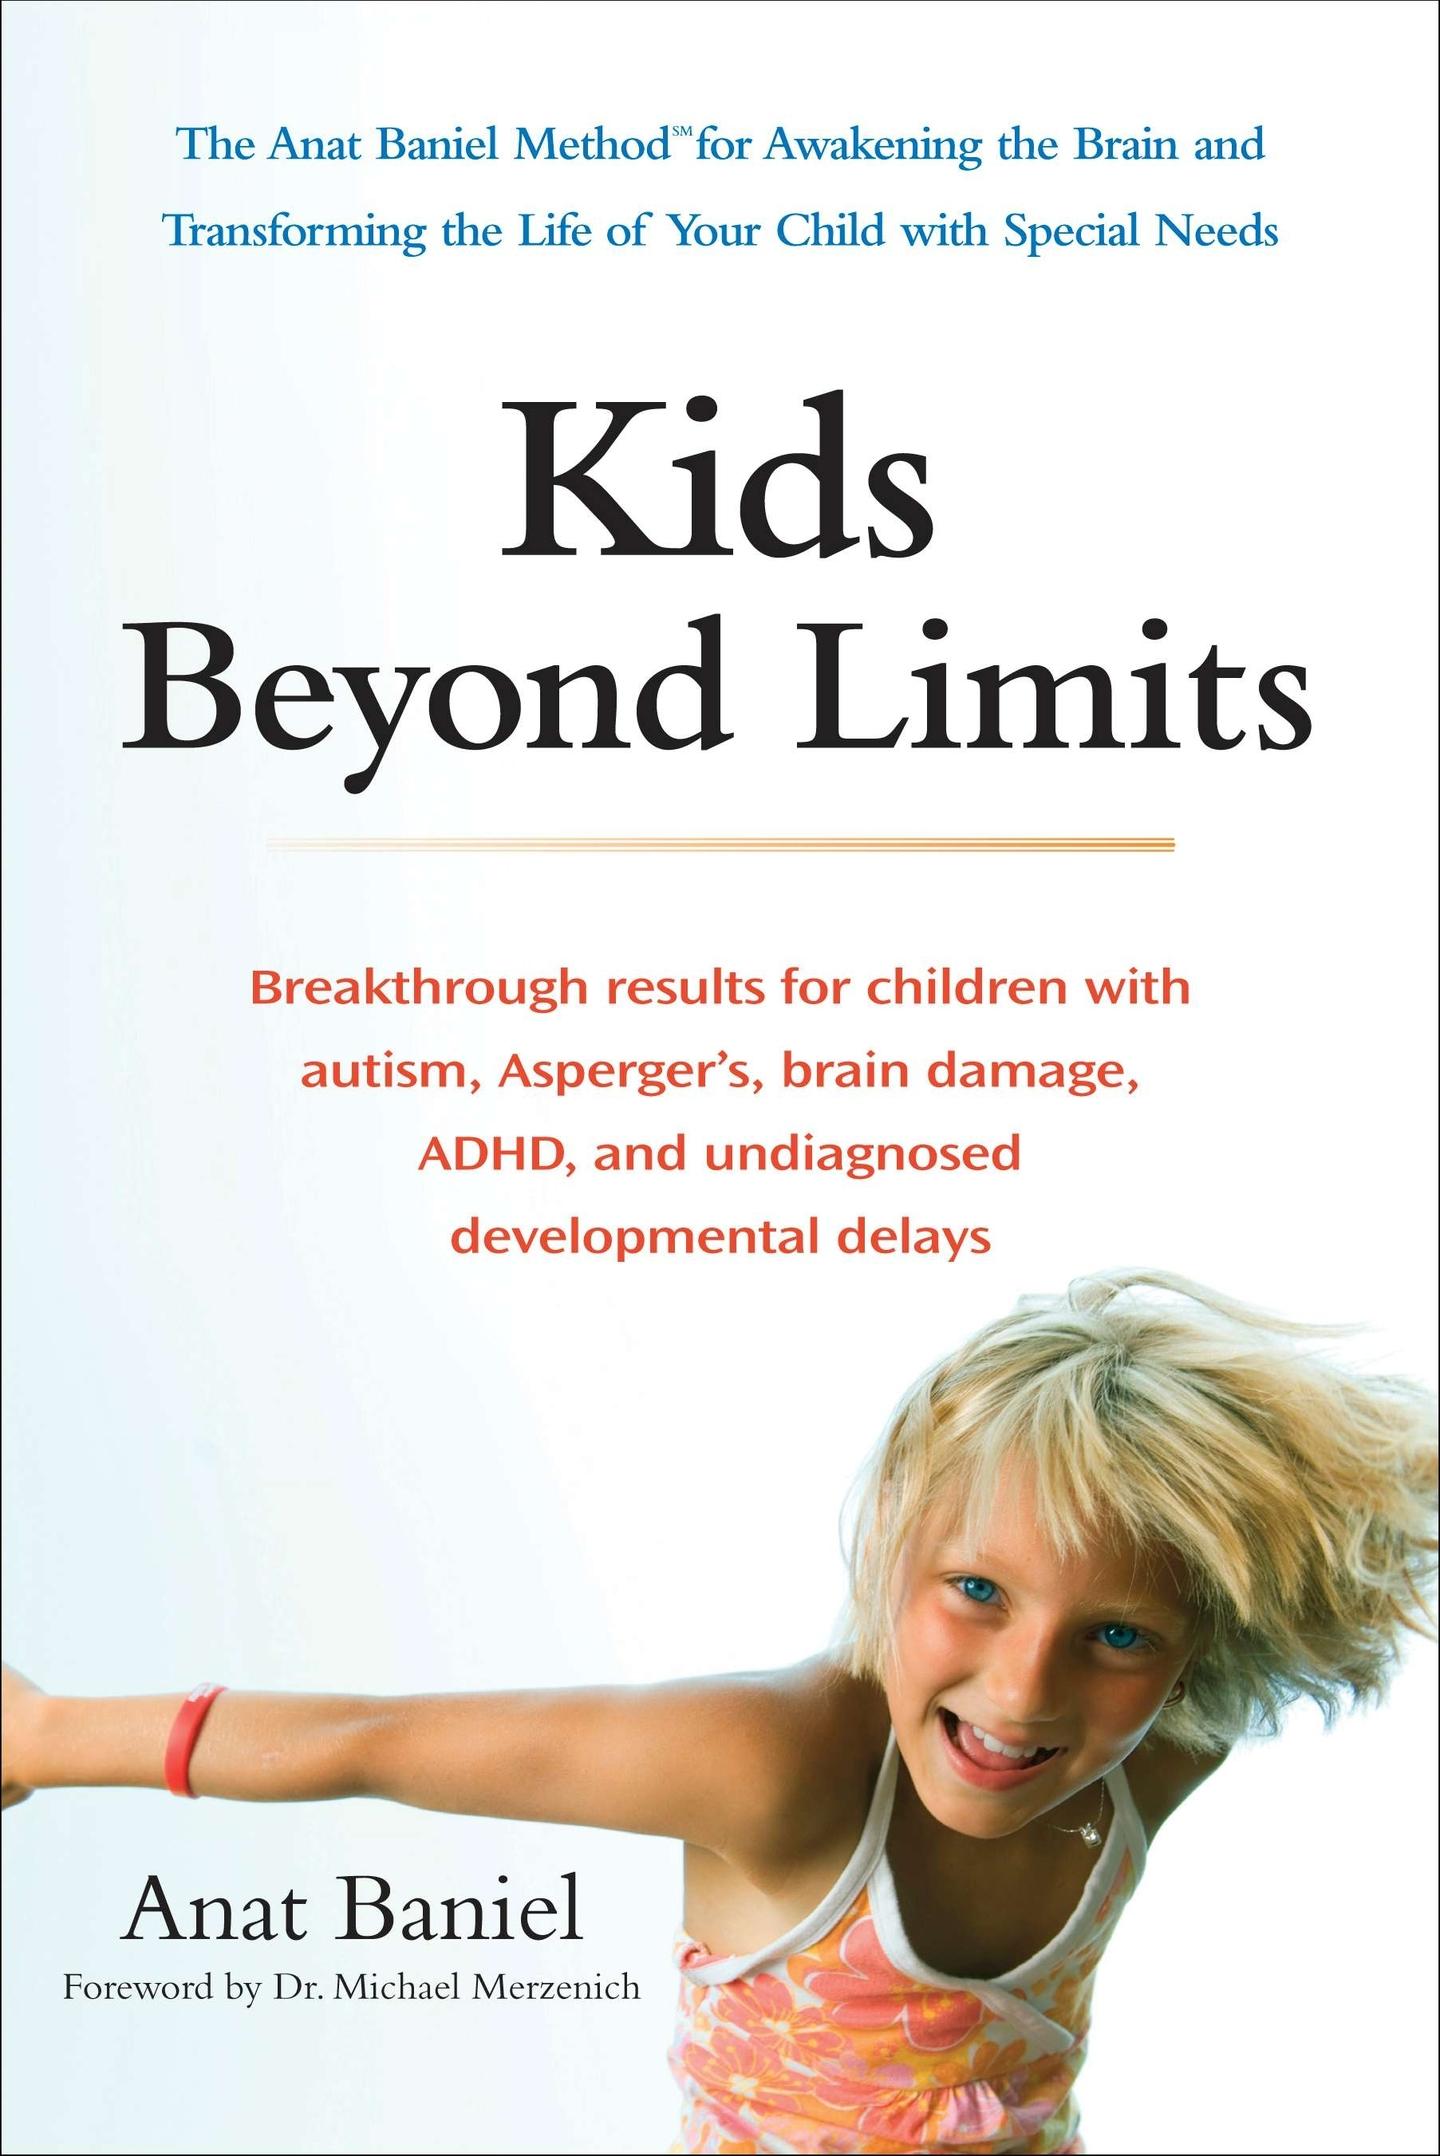 'Kids Beyond Limits' Anat Baniel